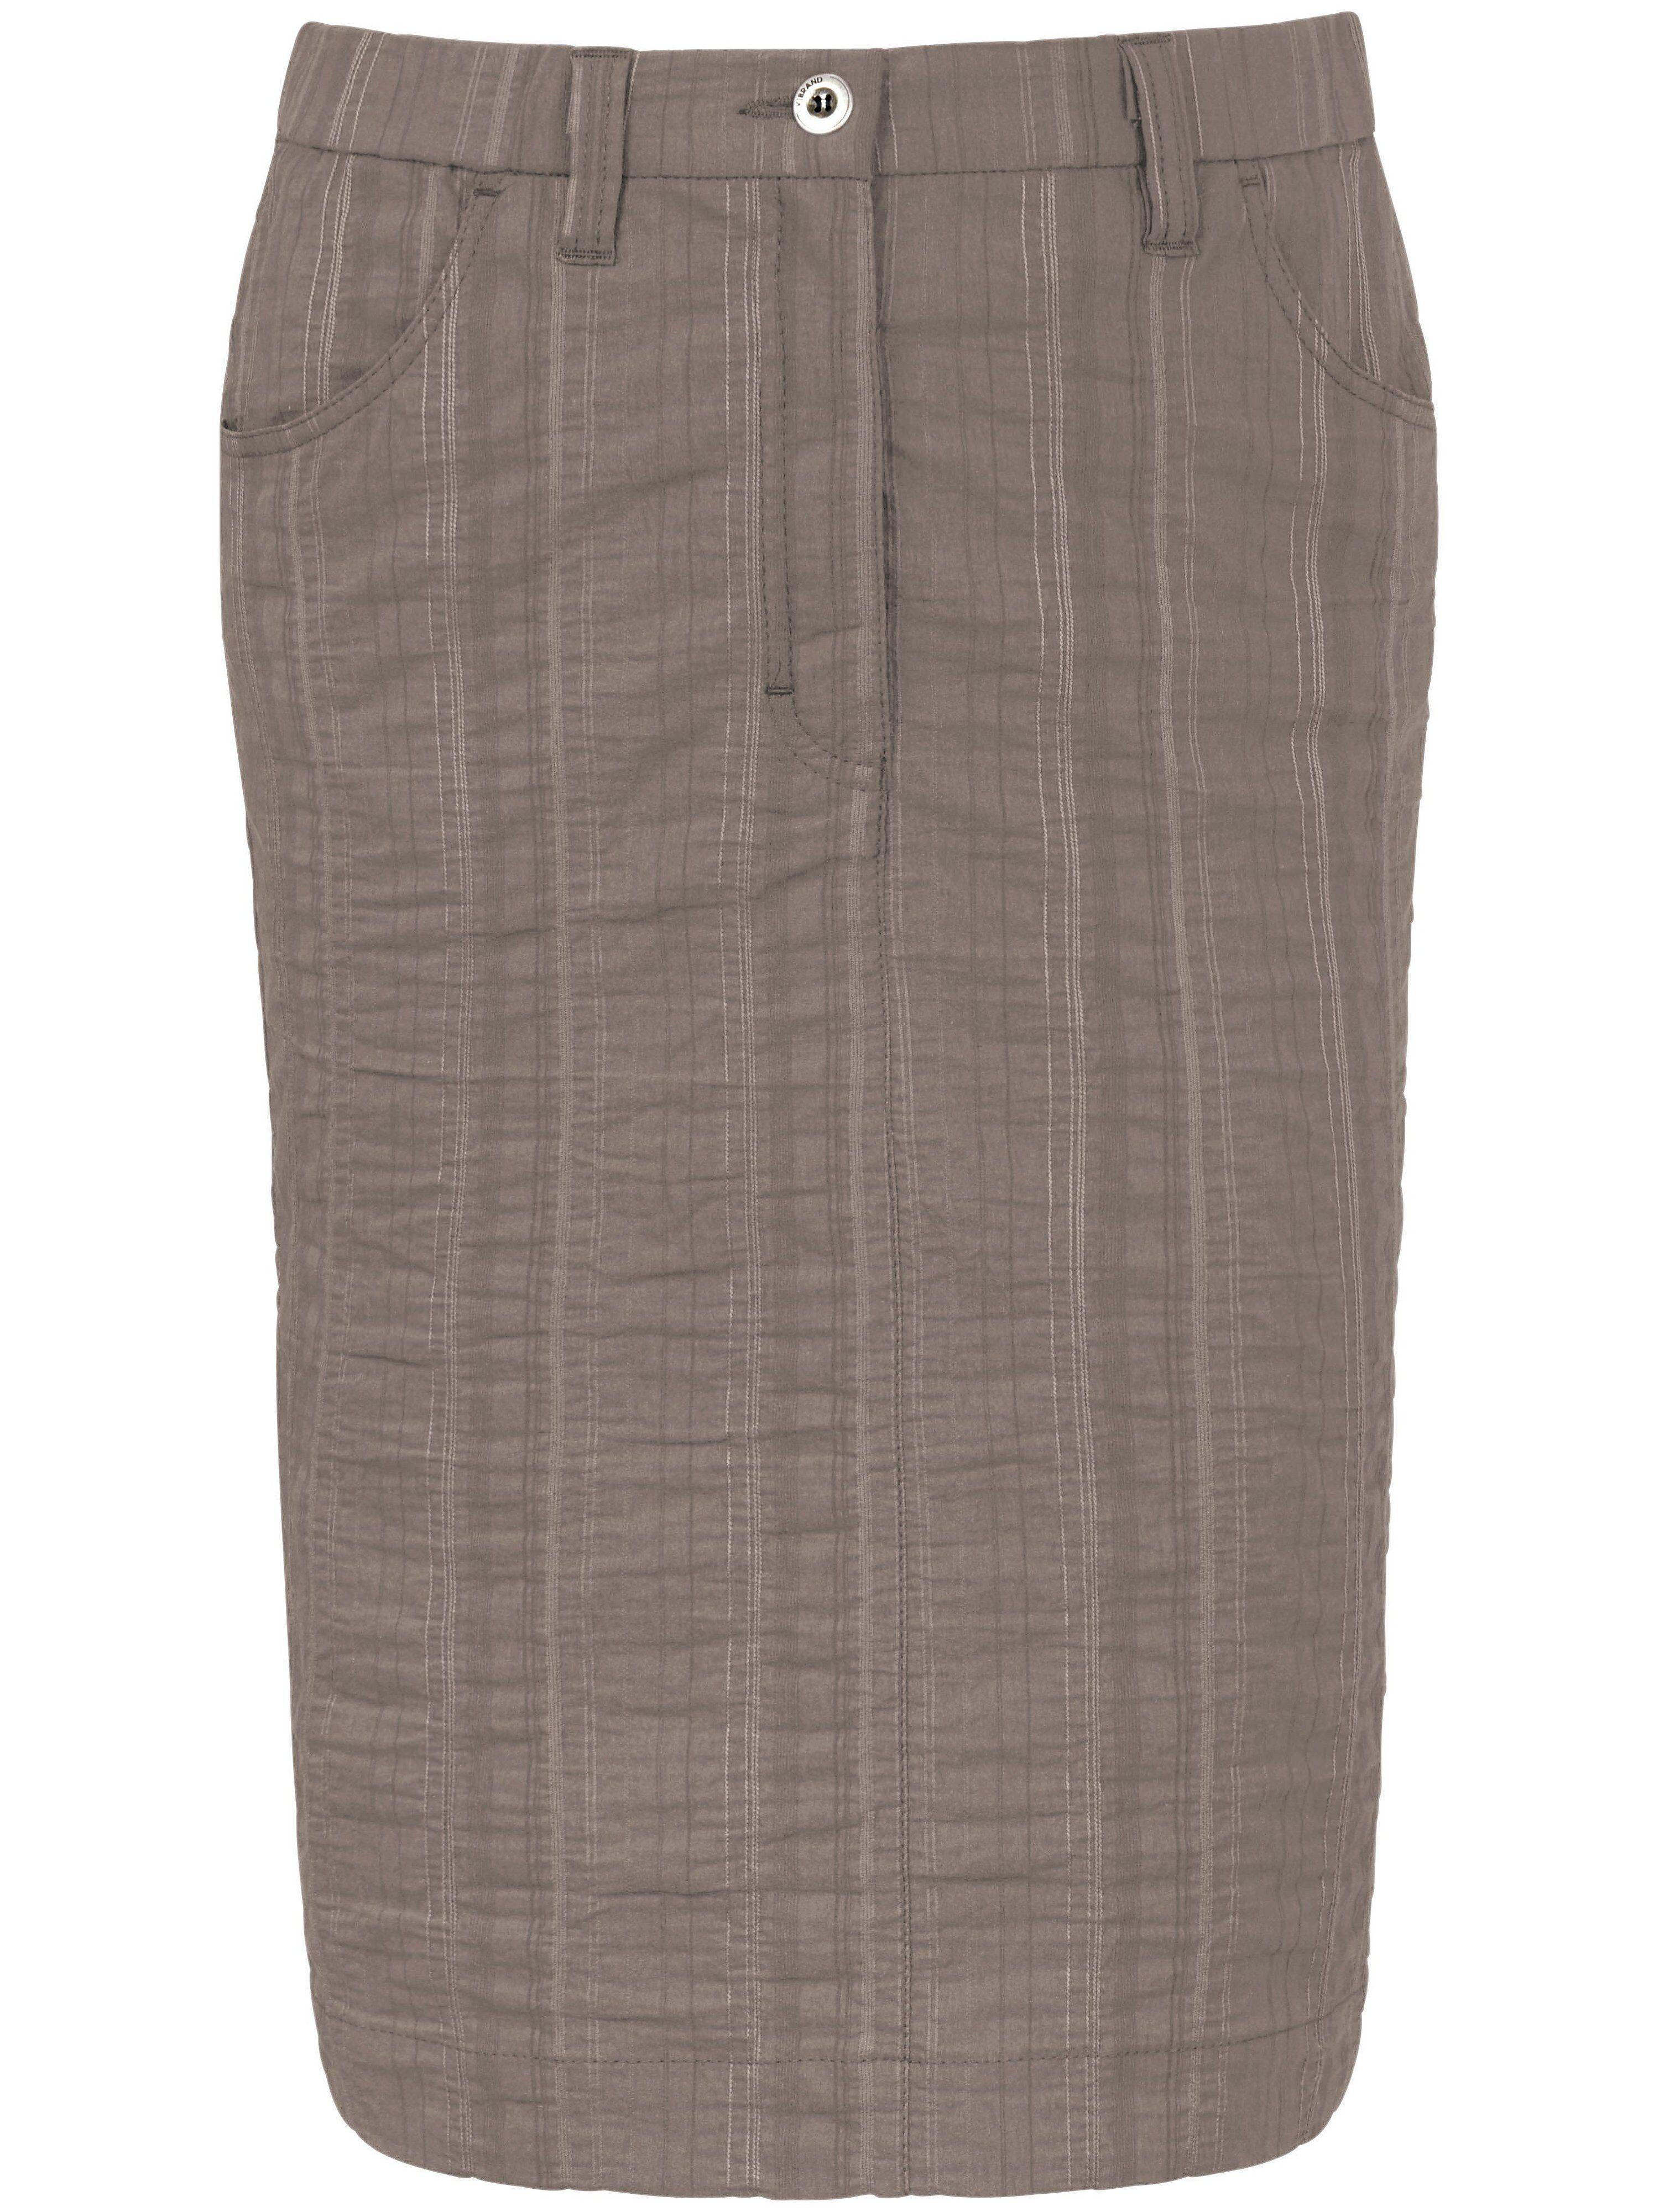 KjBrand La jupe Wash & Go, ligne droite  KjBrand beige  - Femme - 42